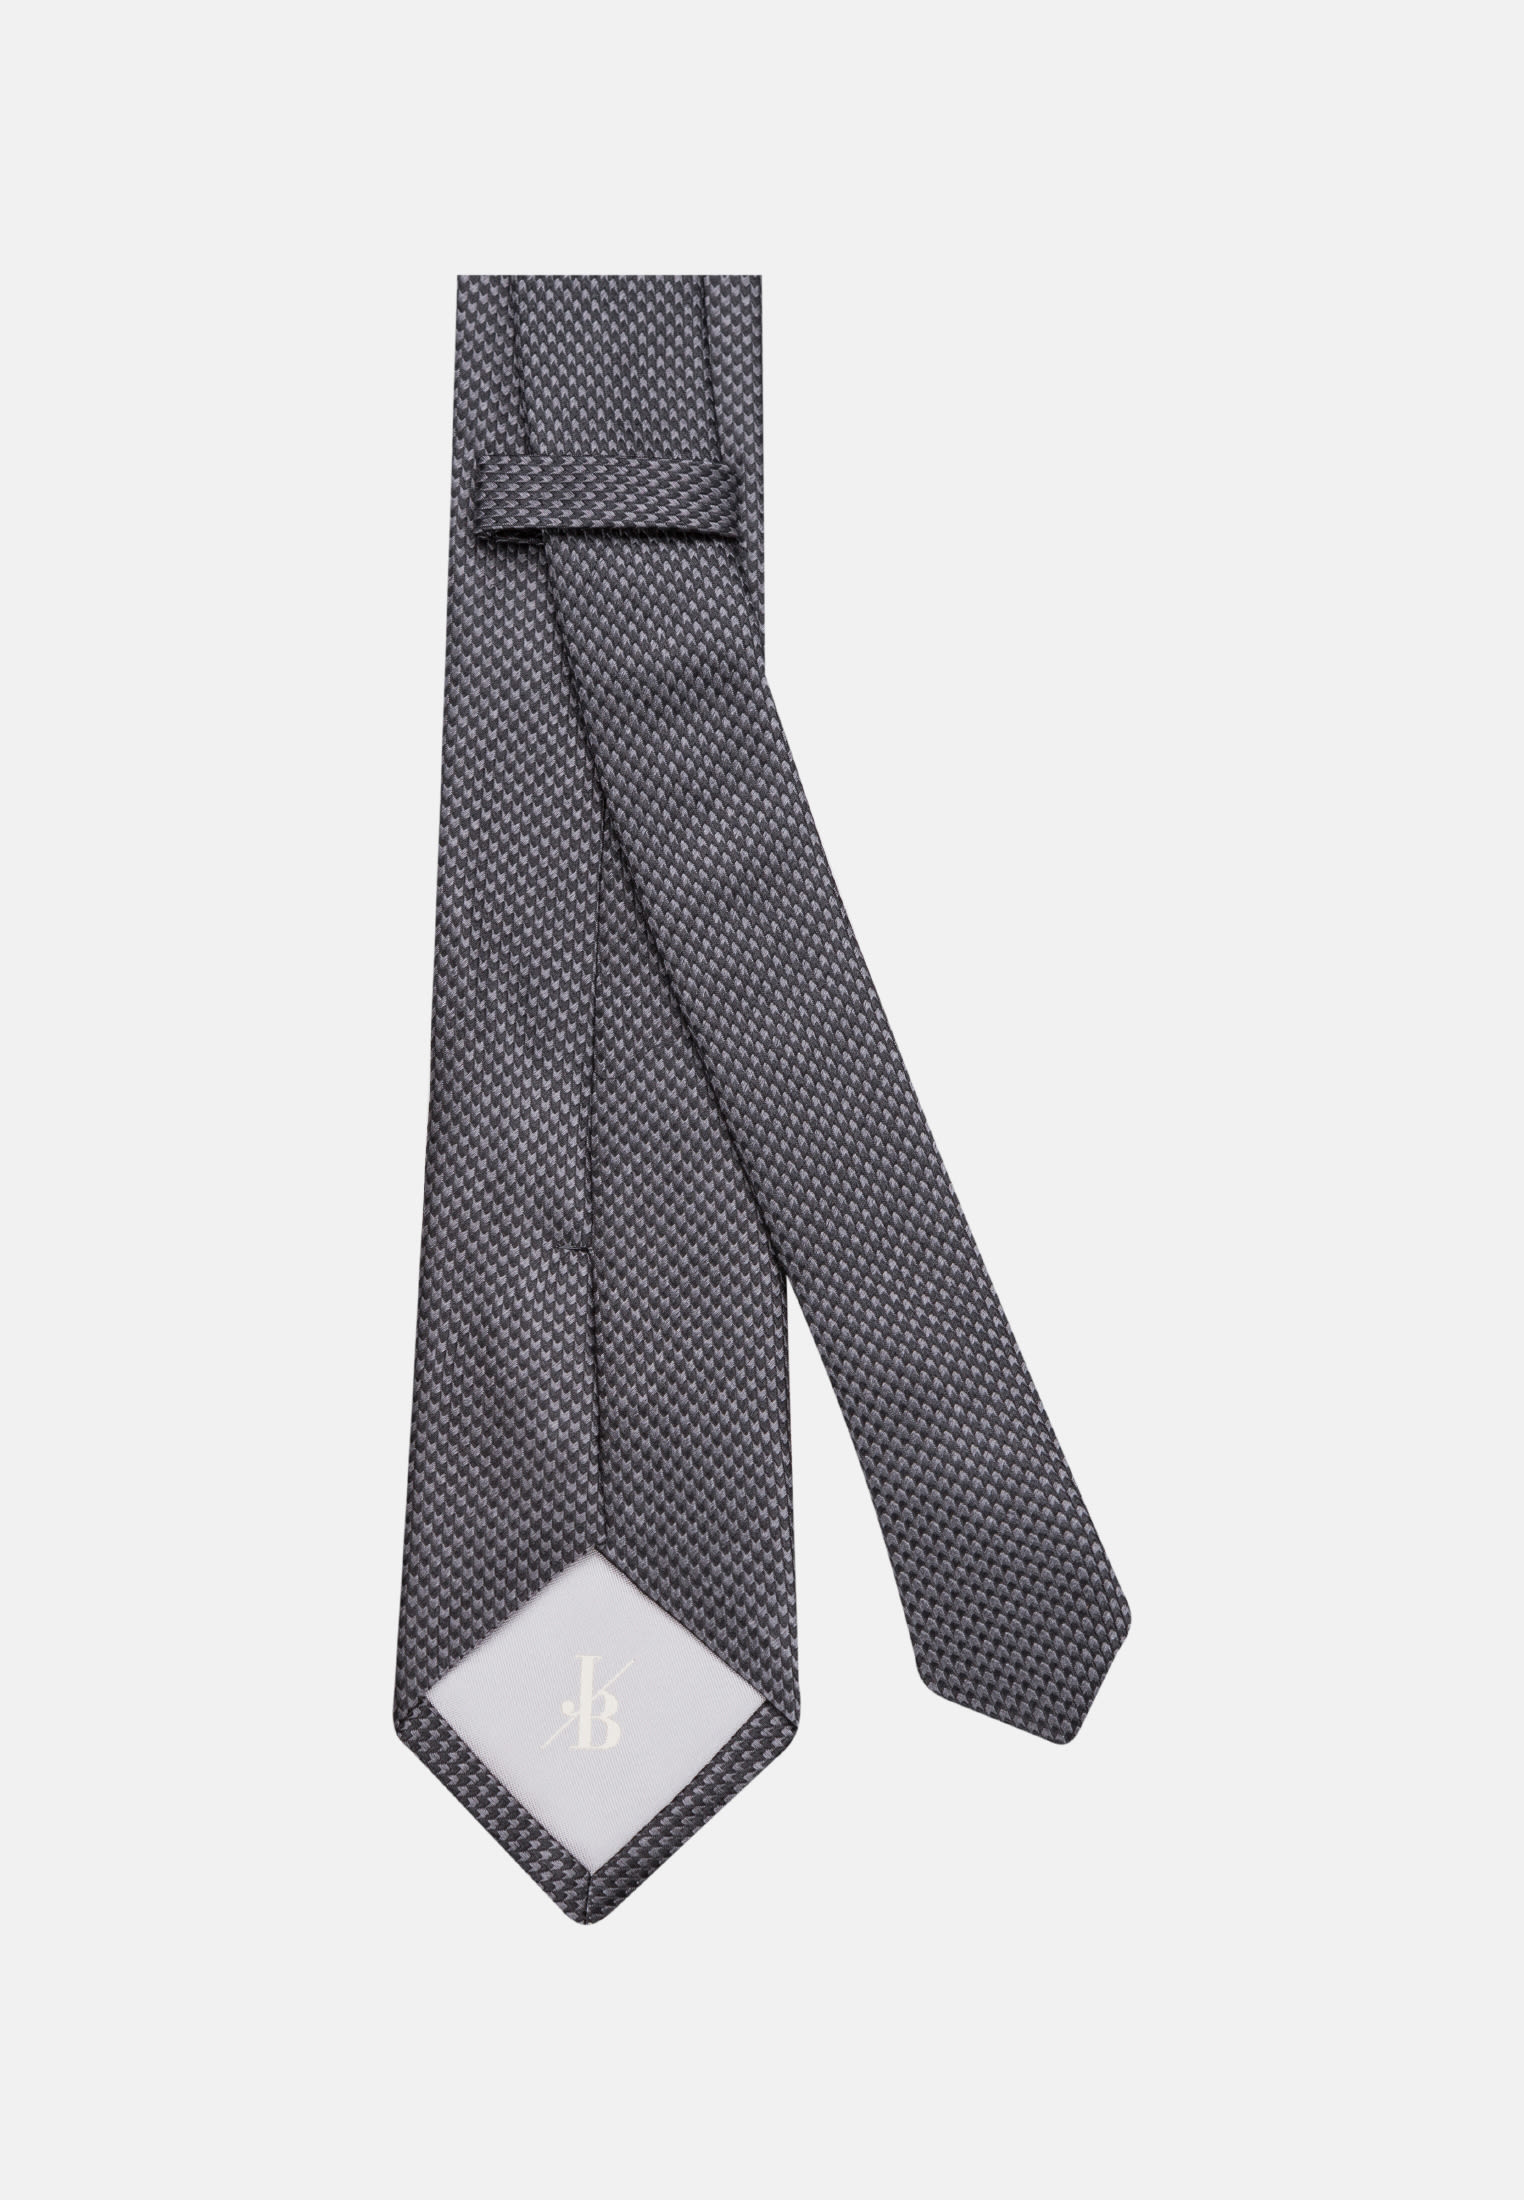 Krawatte aus 100% Seide 7 cm Breit in Schwarz    Jacques Britt Onlineshop